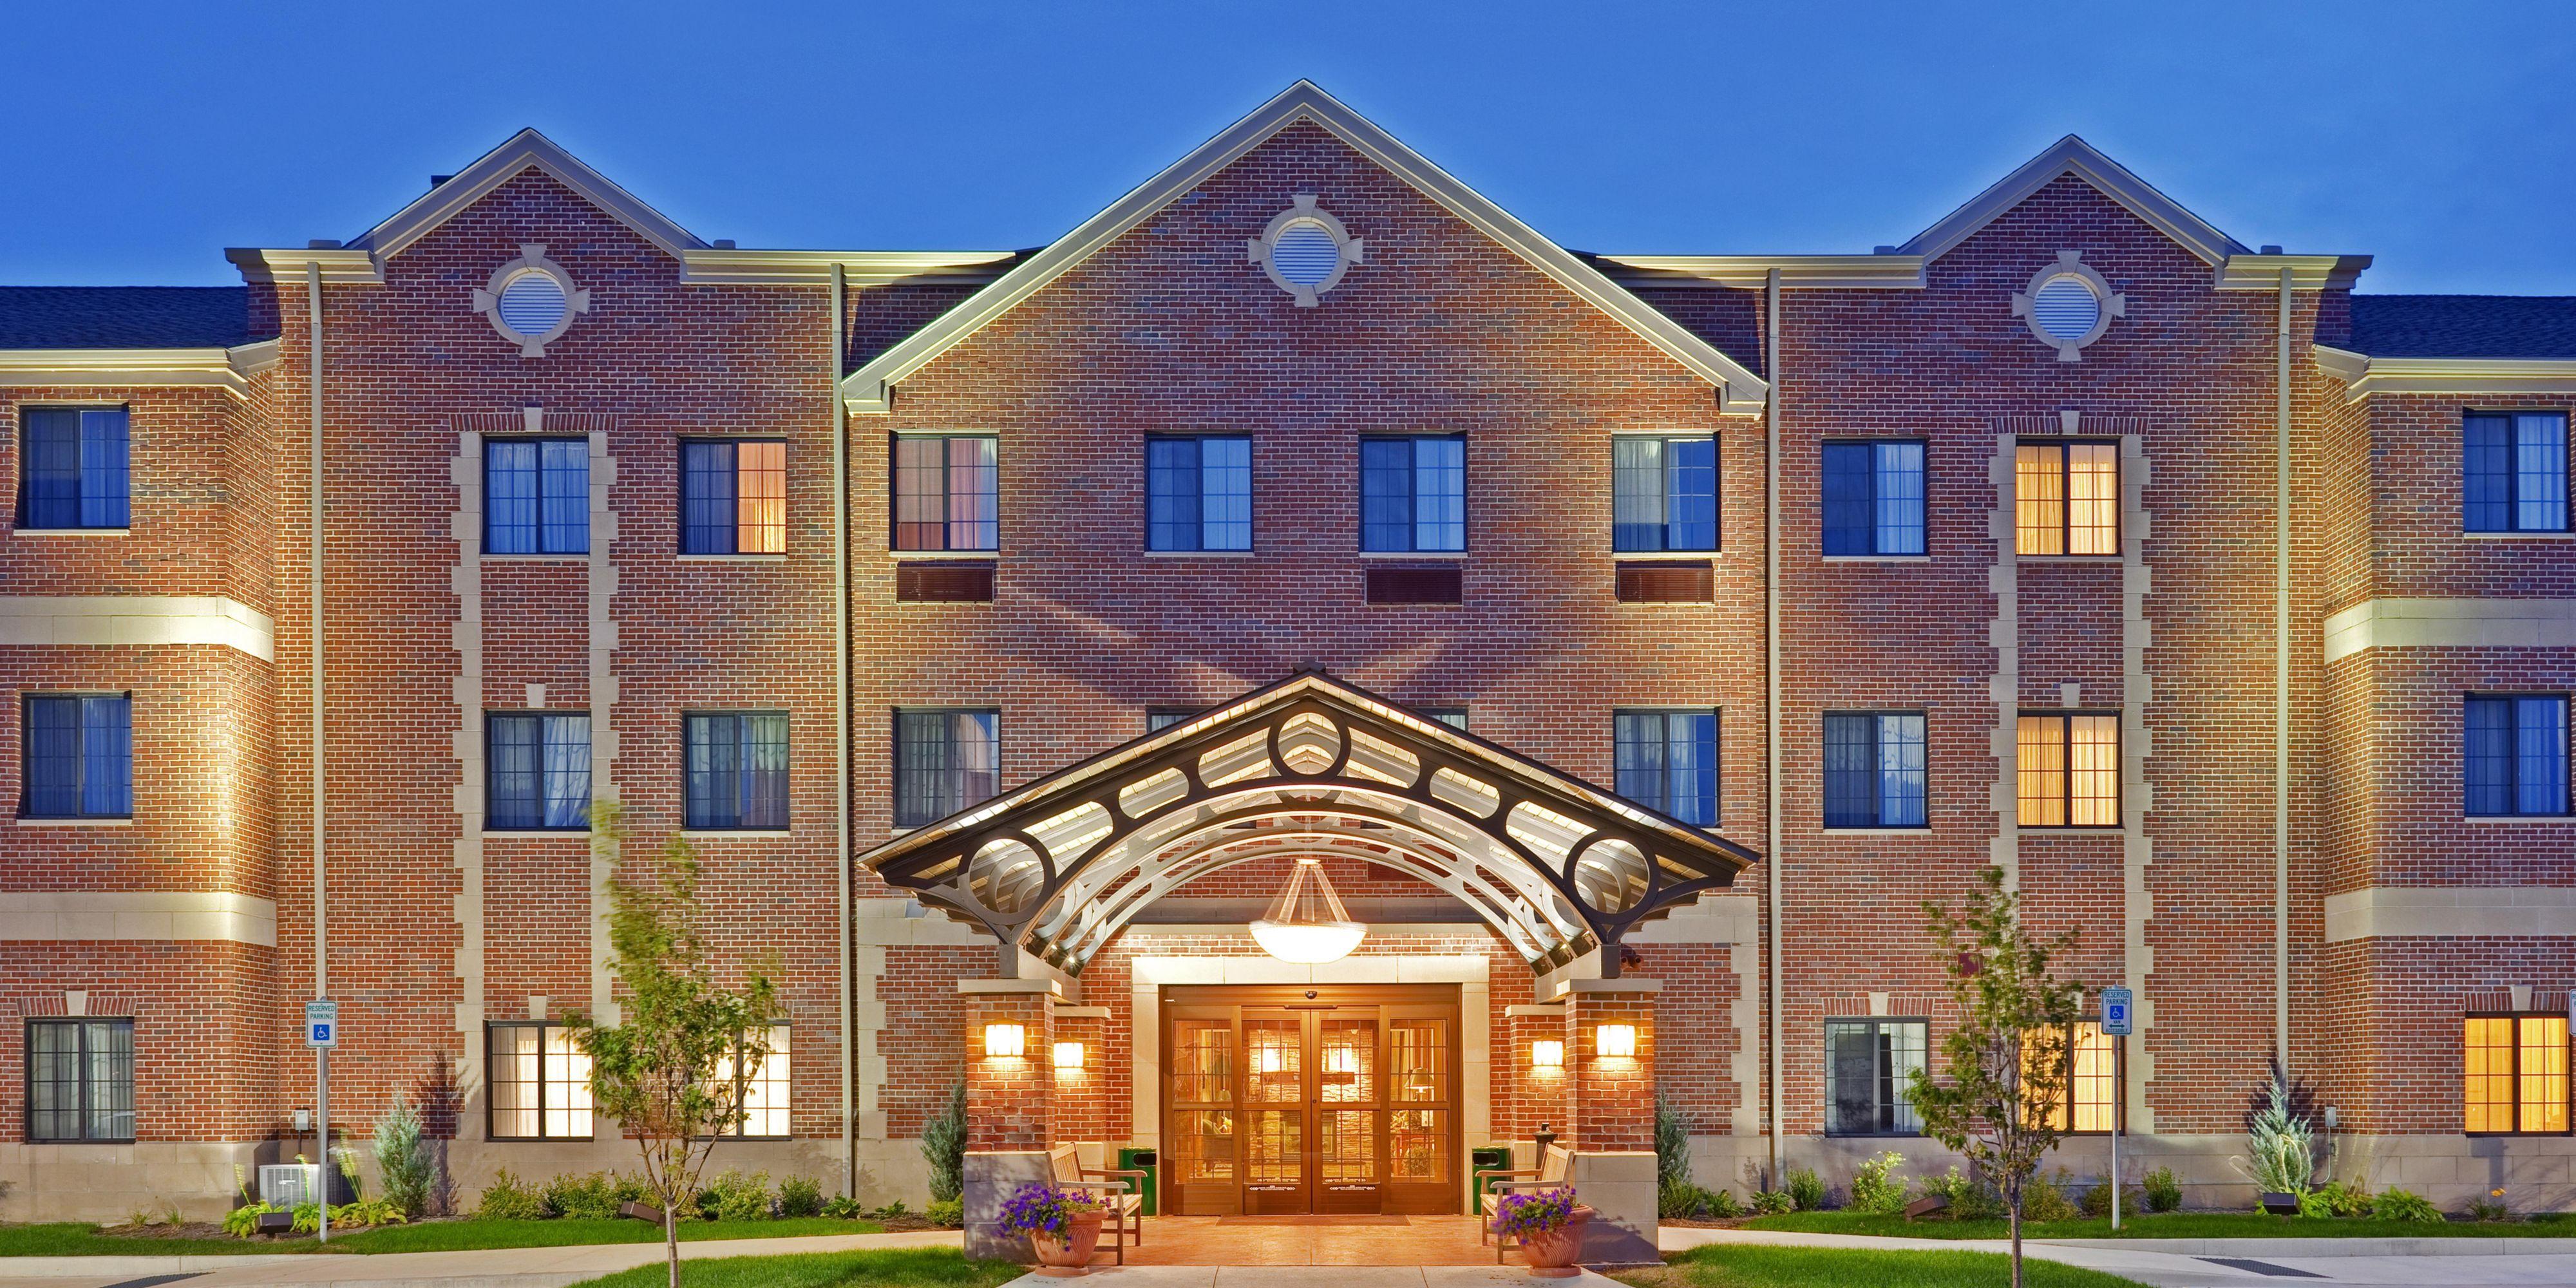 Staybridge Suites Indianapolis-Carmel image 0